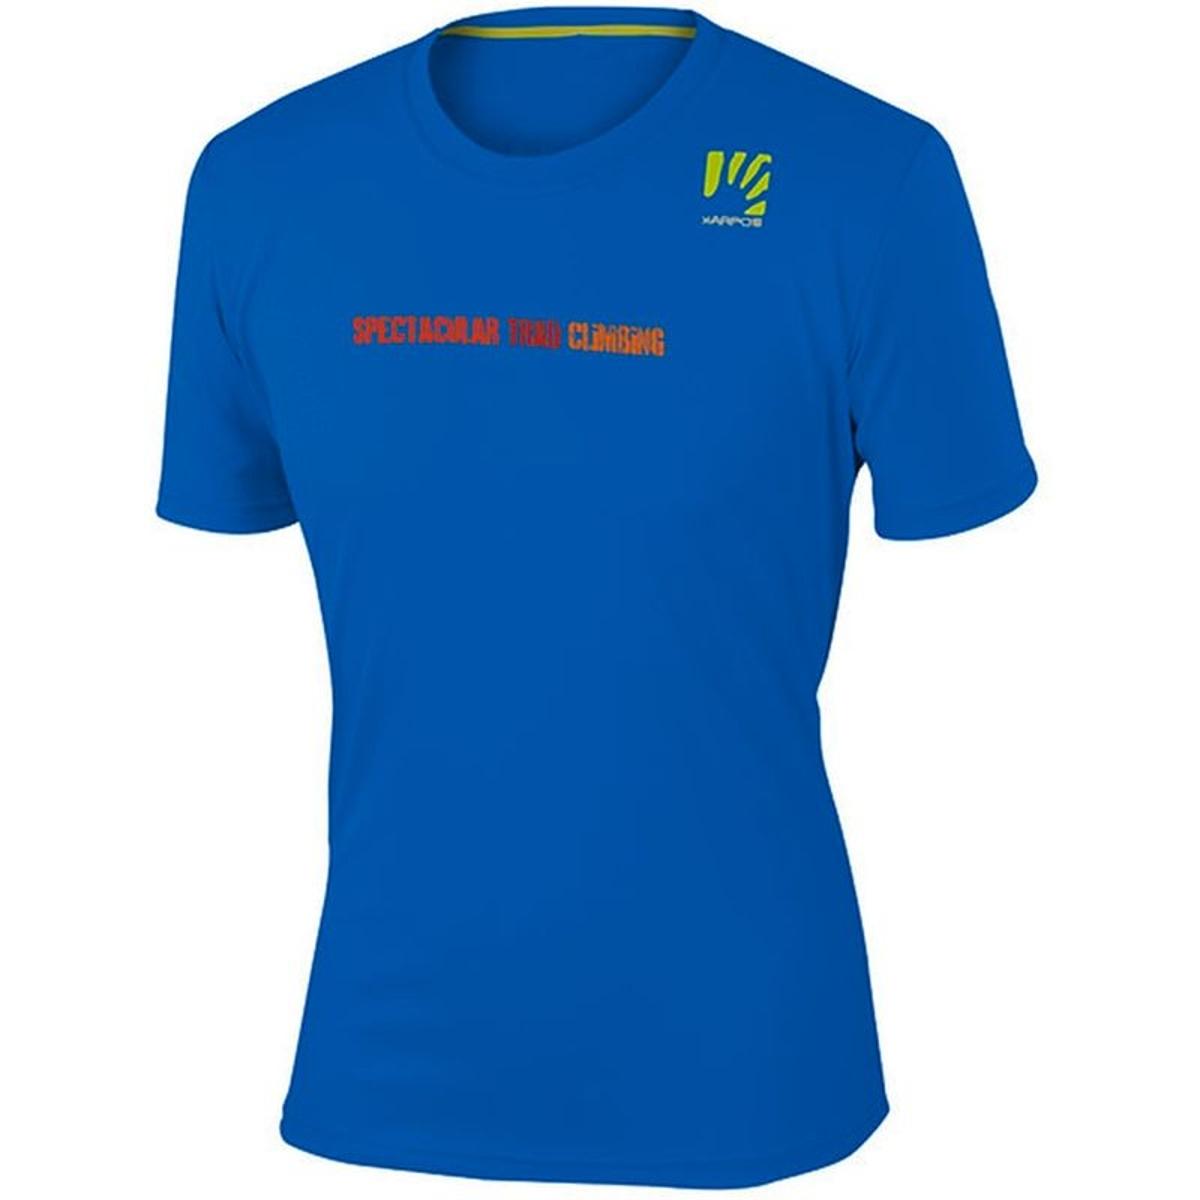 Fantasia - T-shirt manches courtes Homme - bleu